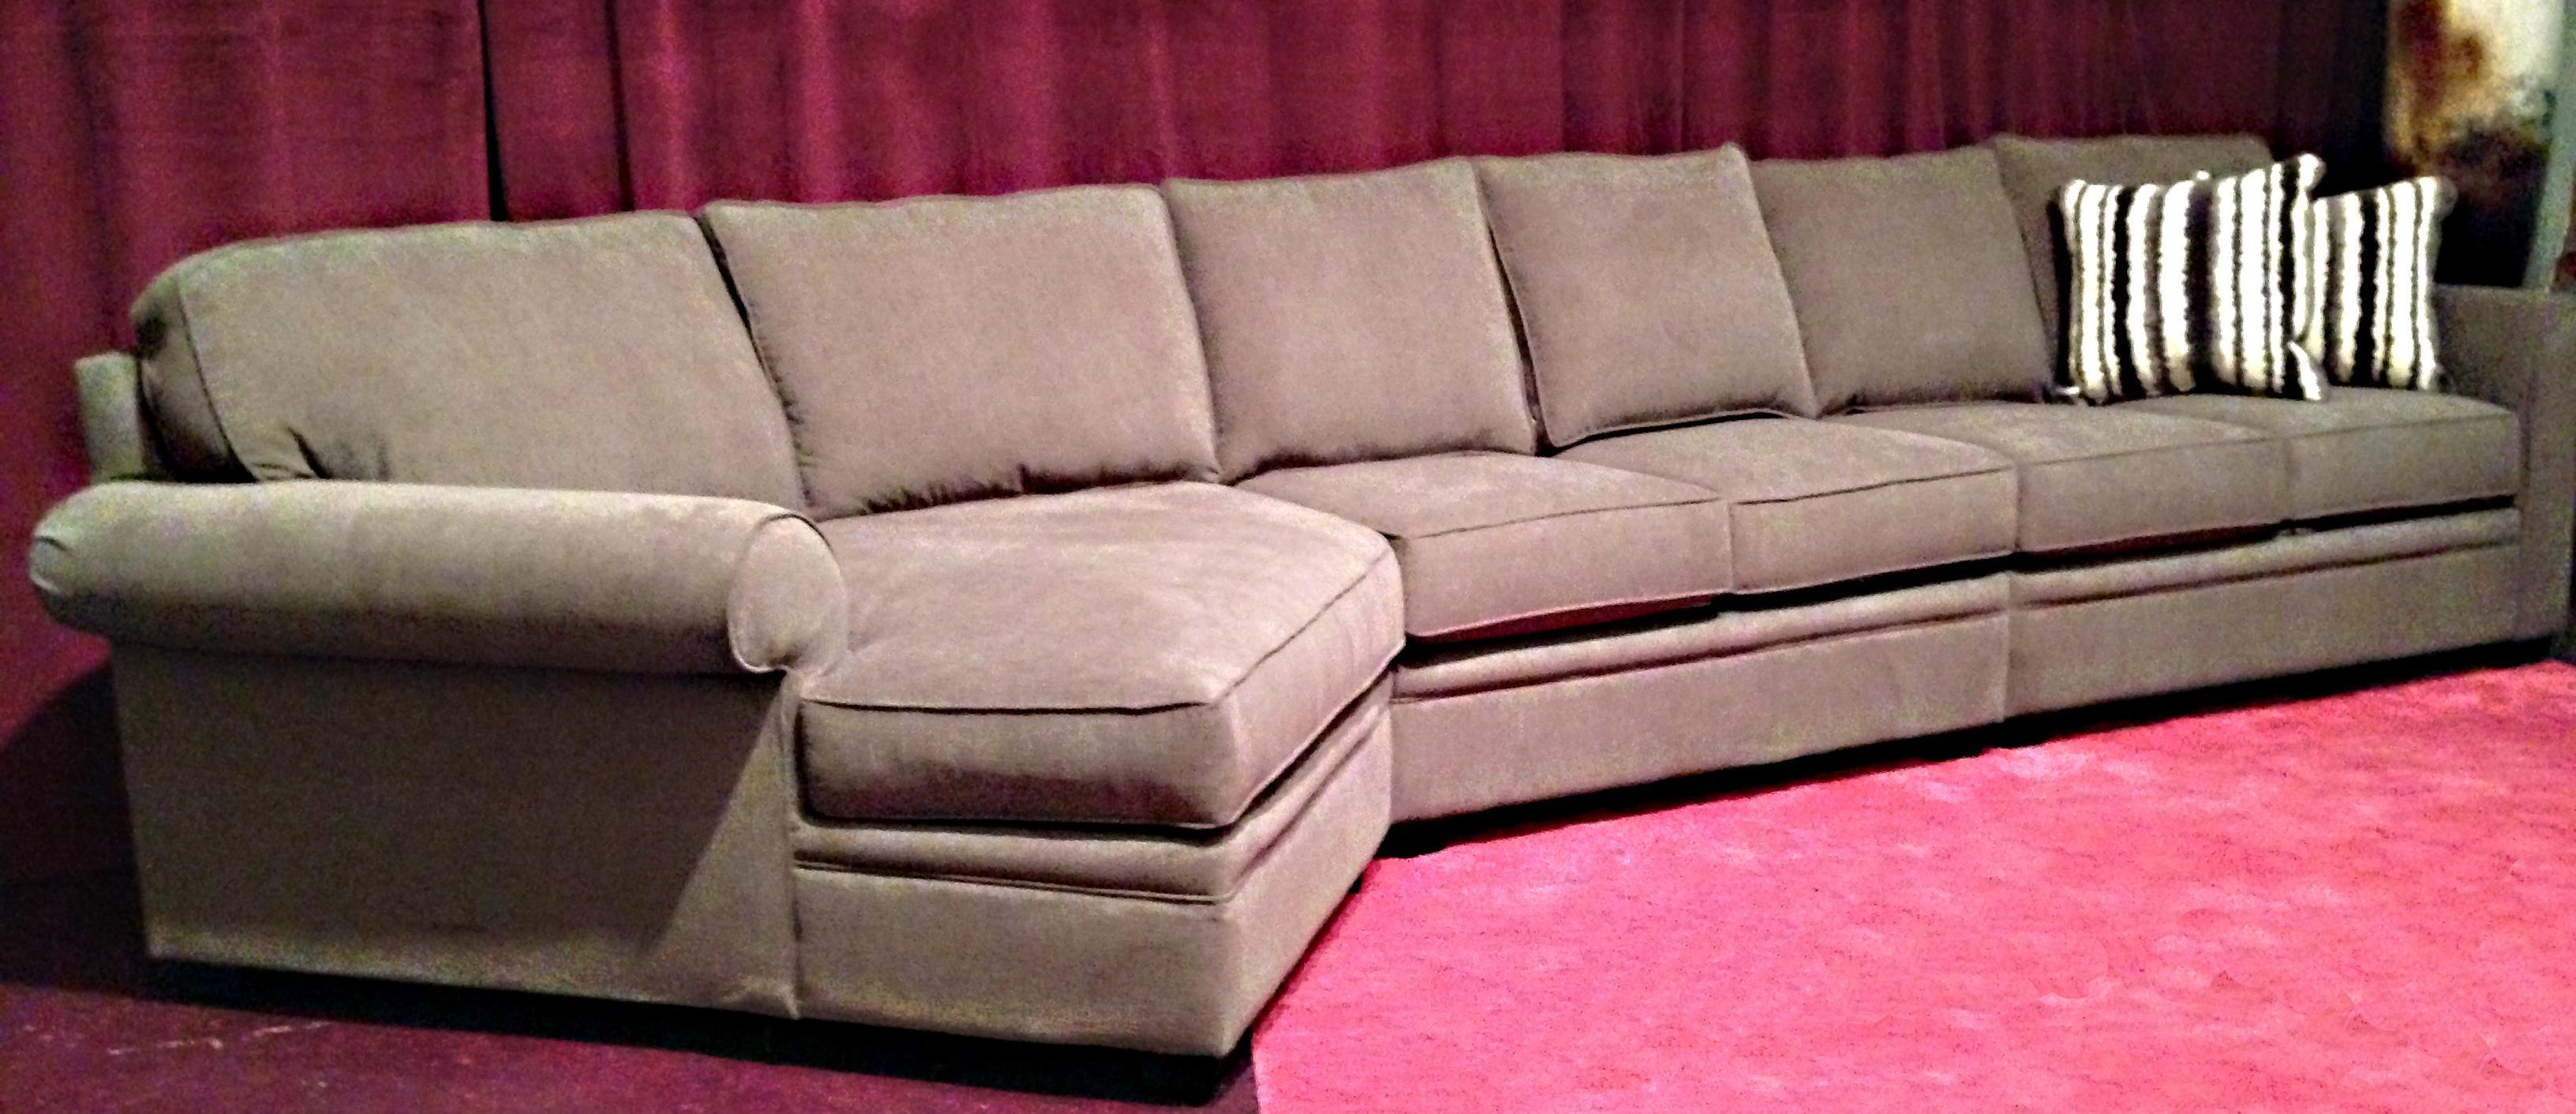 15 Photos Circular Sectional Sofa Sofa Ideas